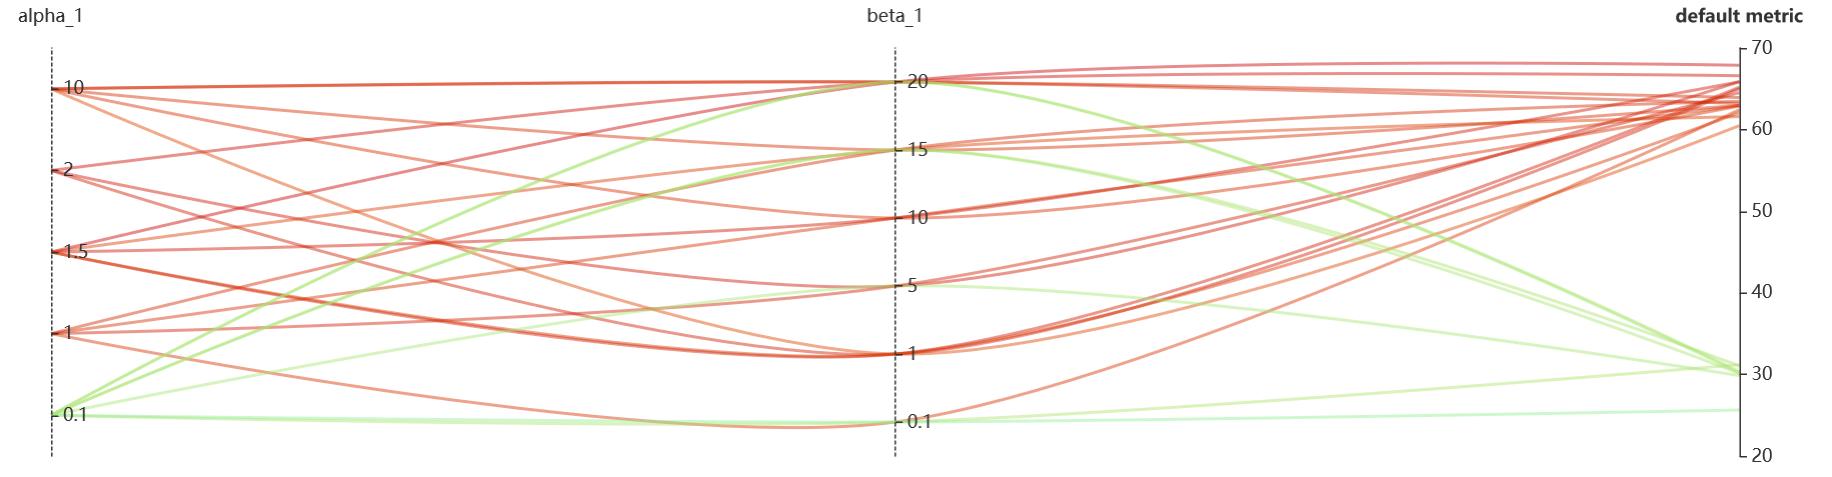 Hyper-parameter_1